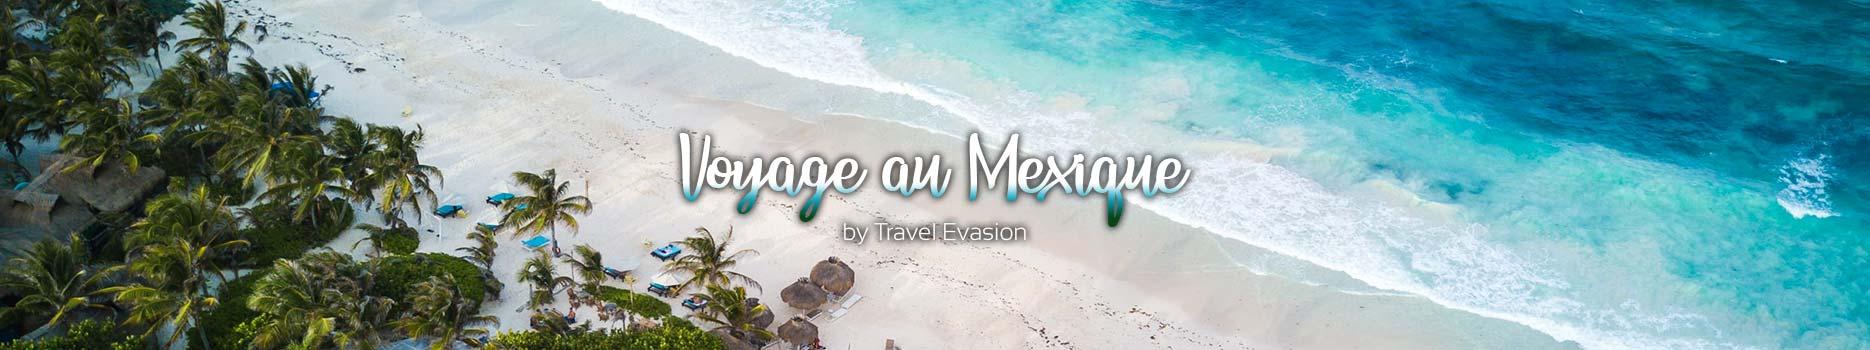 Voyage au Mexique, des vacances à Cancun ou Tulum ensoleillées.